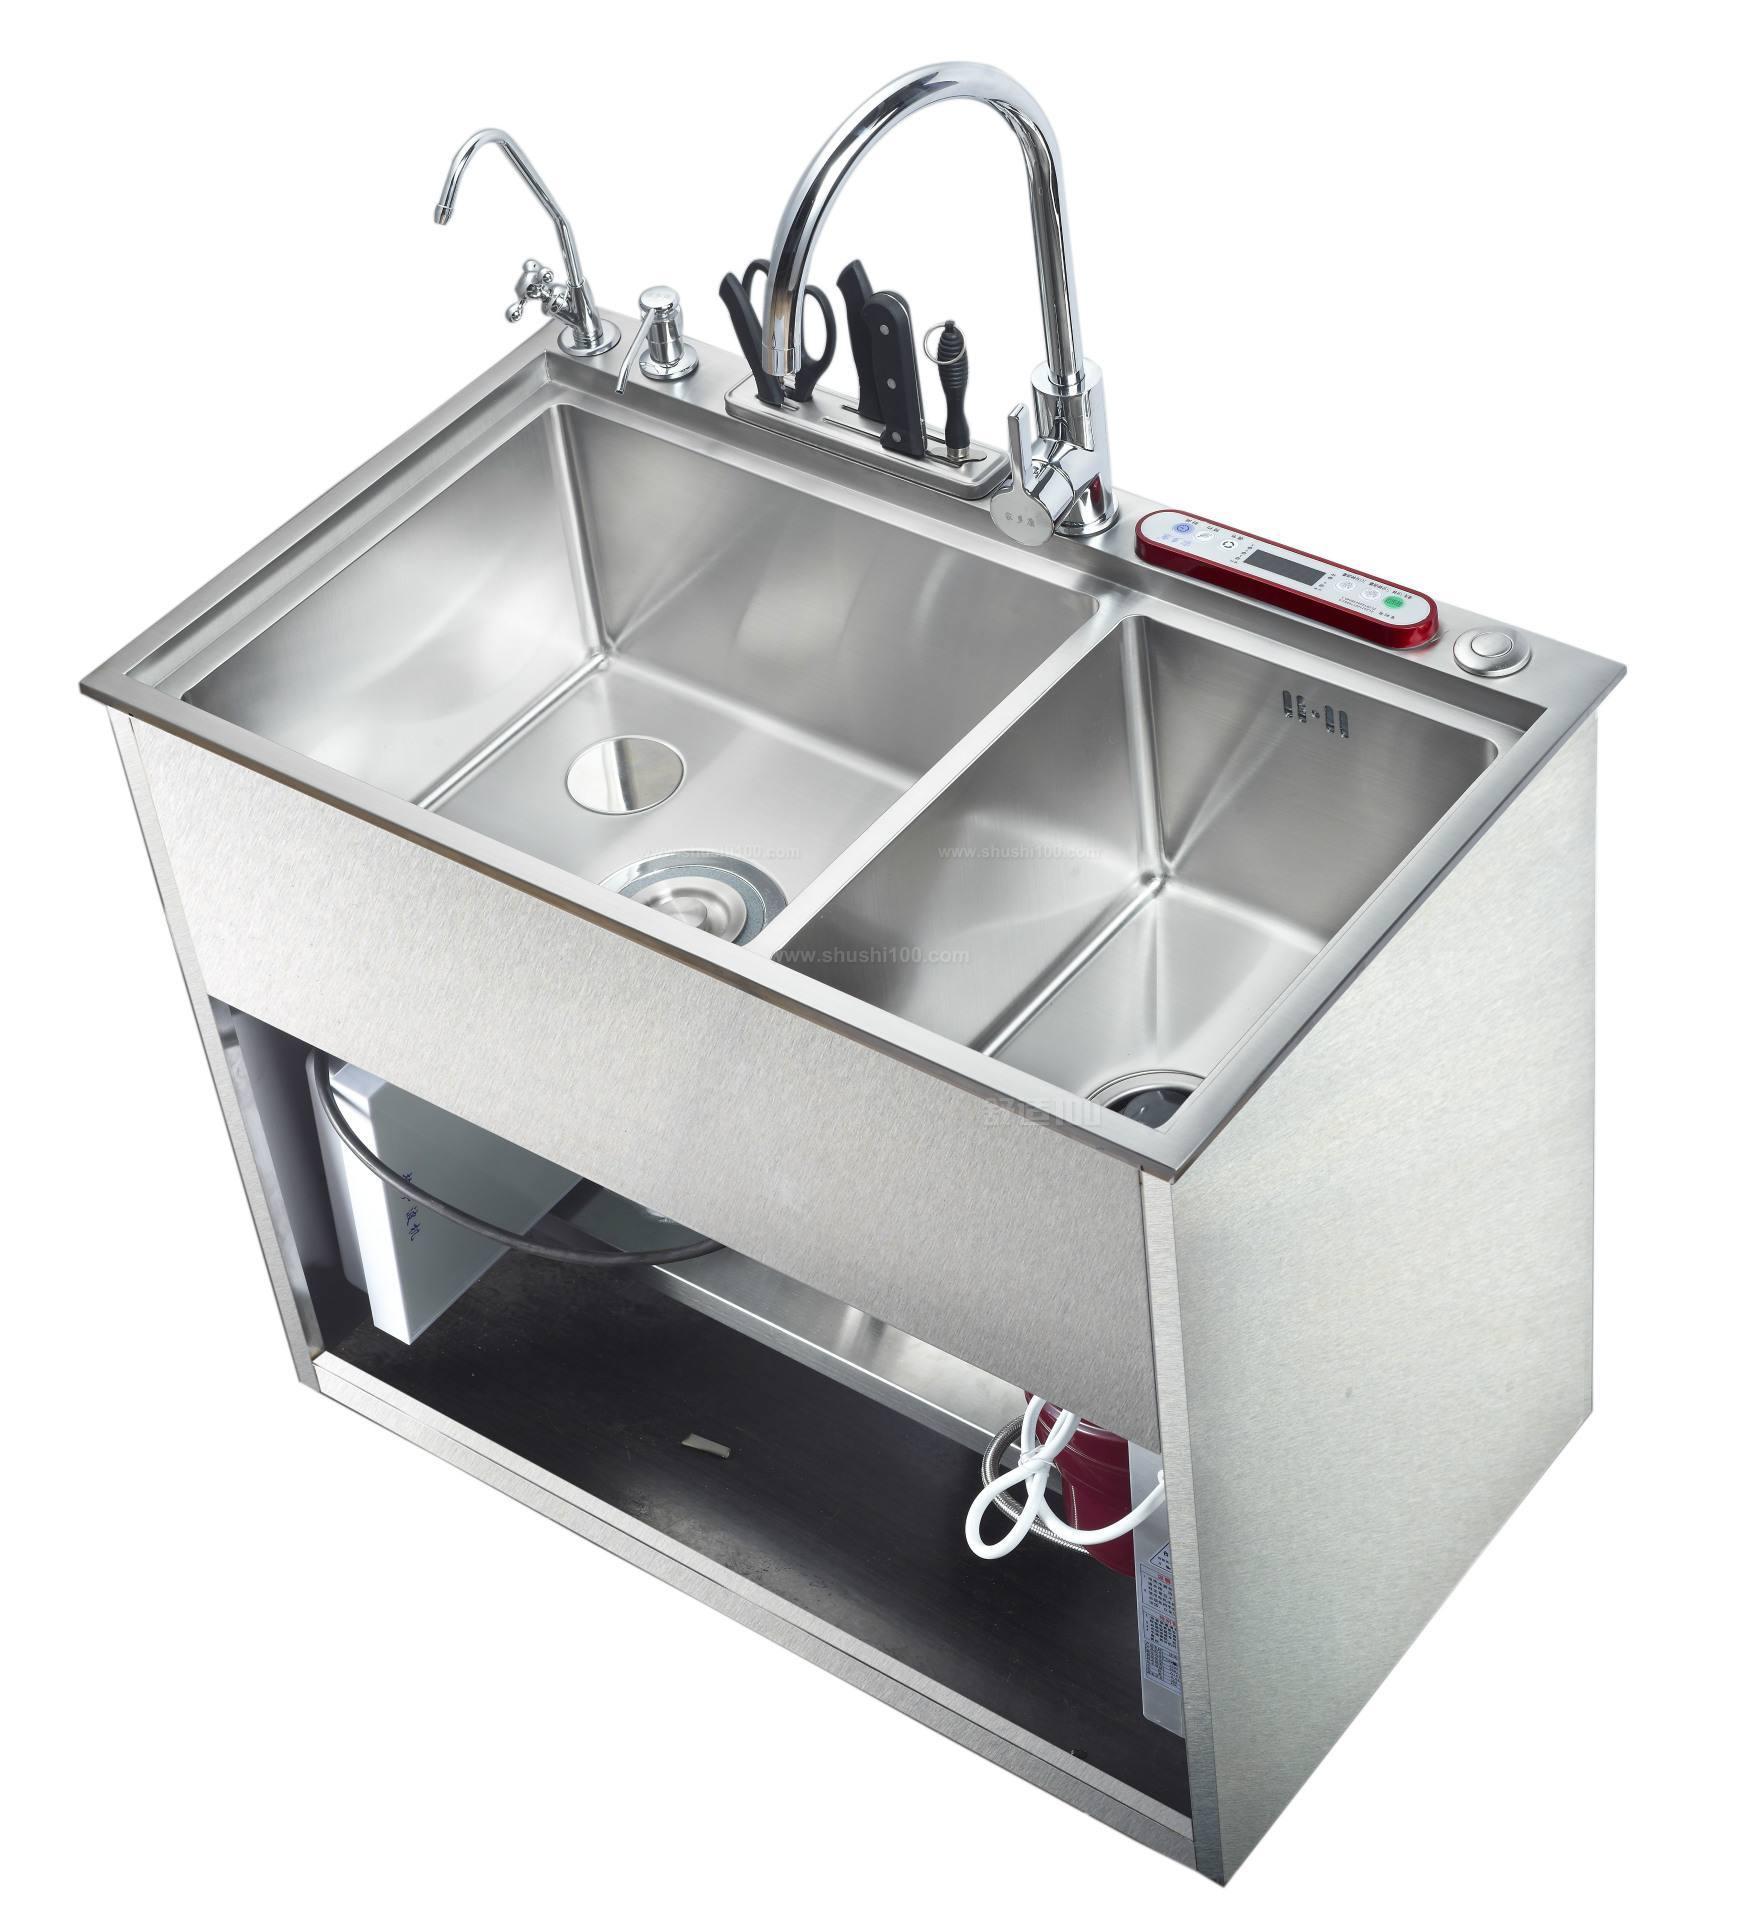 美的水槽洗碗机报价—美的水槽洗碗机多少钱图片